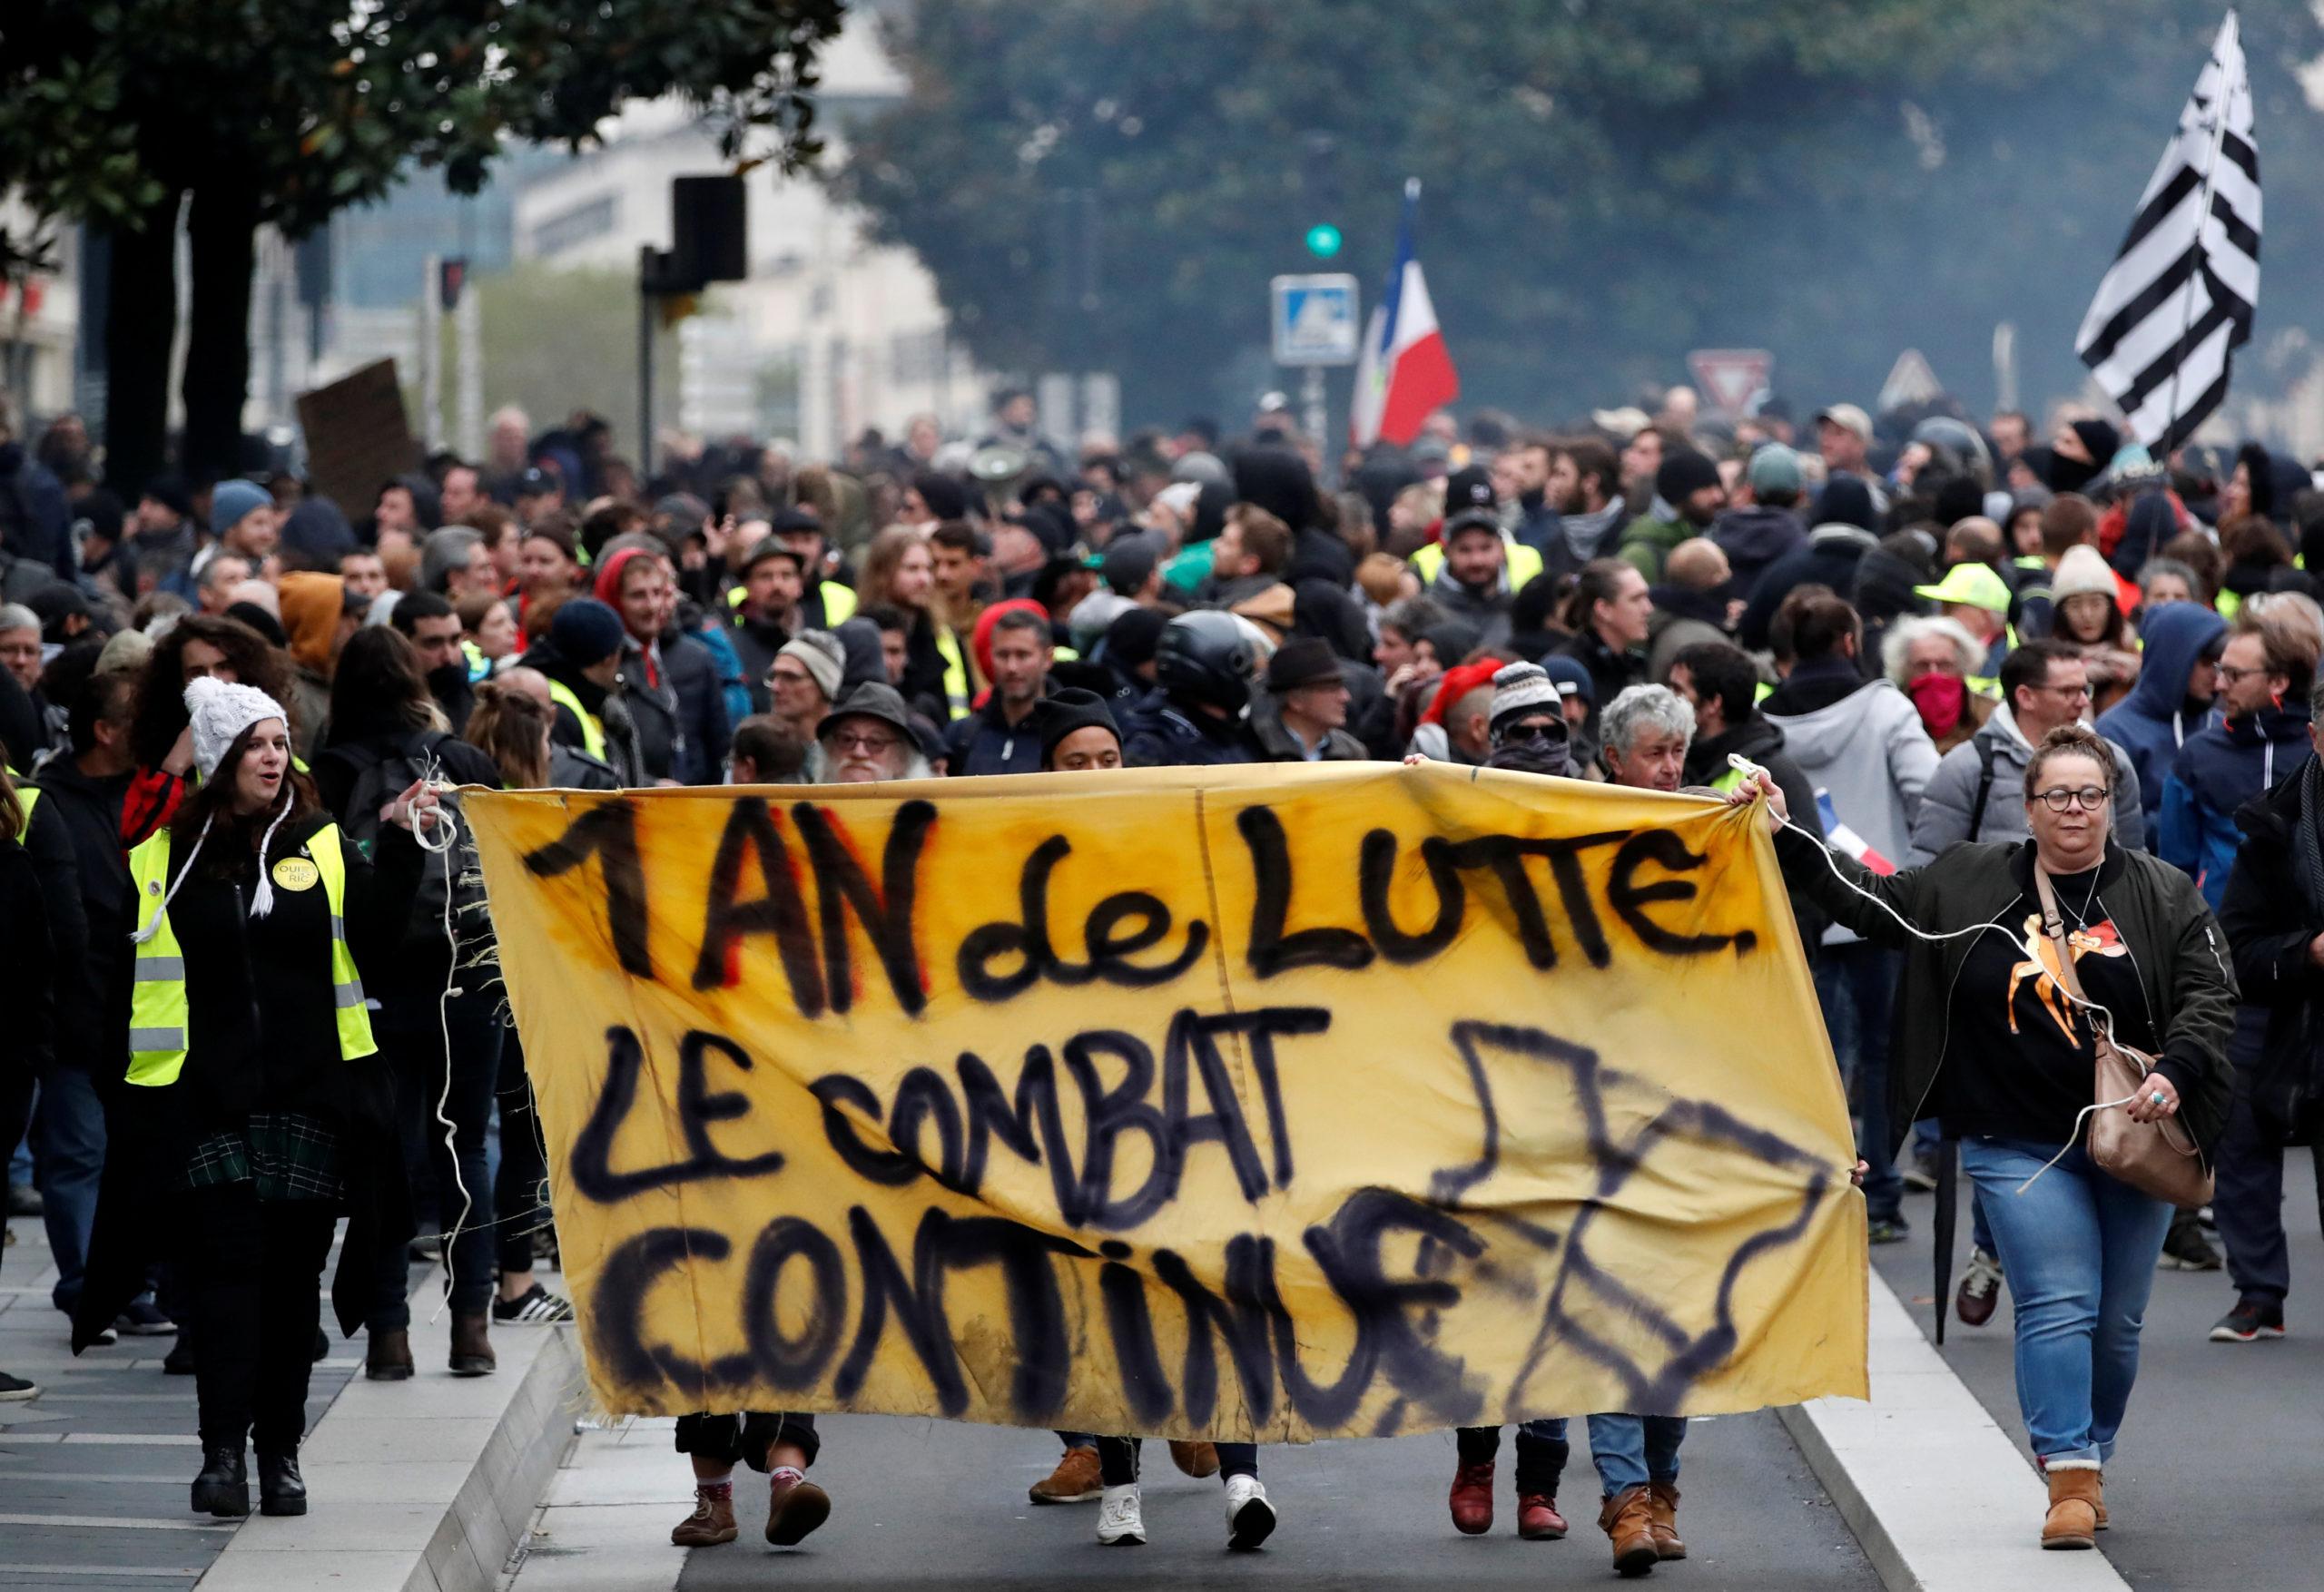 """A Nantes. Les manifestations organisées par les """"Gilets jaunes"""" ont rassemblé quelque 28.000 personnes samedi en France, a déclaré le ministère de l'Intérieur, soit dix fois moins qu'au début du mouvement de contestation sociale il y a un an. /Photo prise le 16 novembre 2019/REUTERS/Stéphane Mahé"""